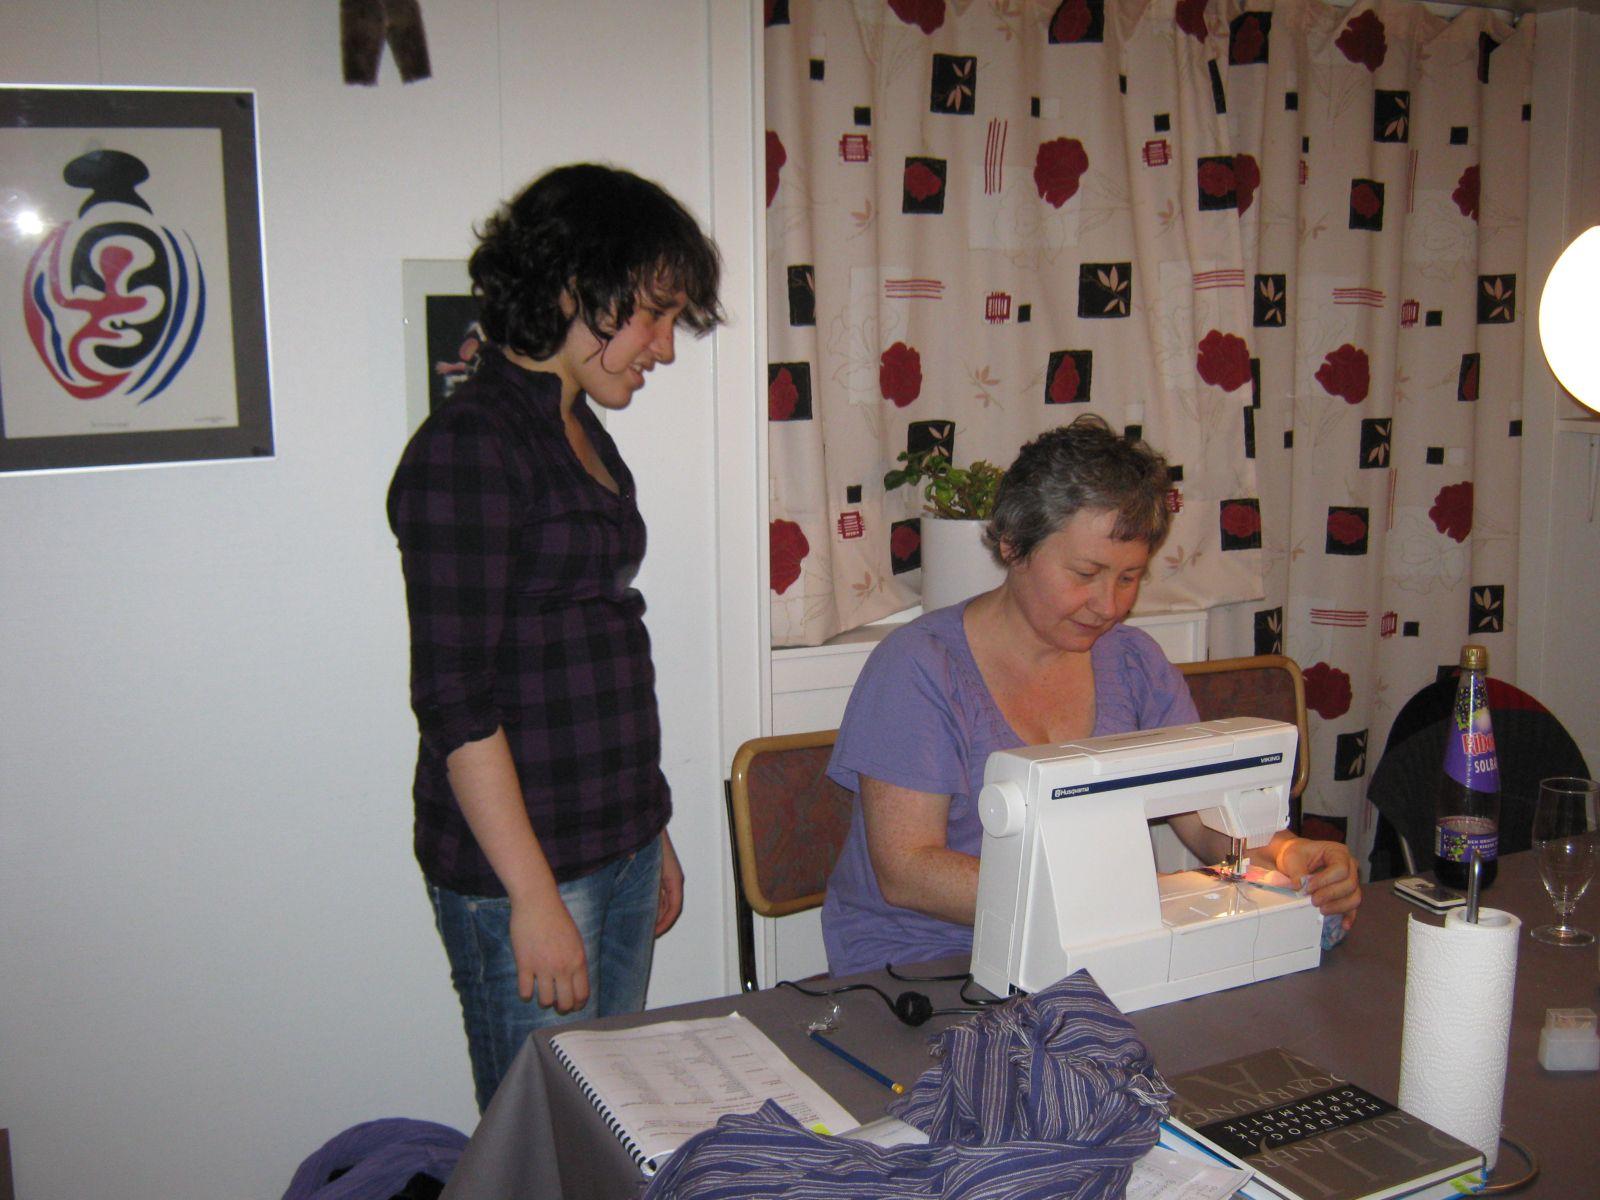 2010-01-26-1859_-_Ivalo Lynge Labansen; Mette Labansen